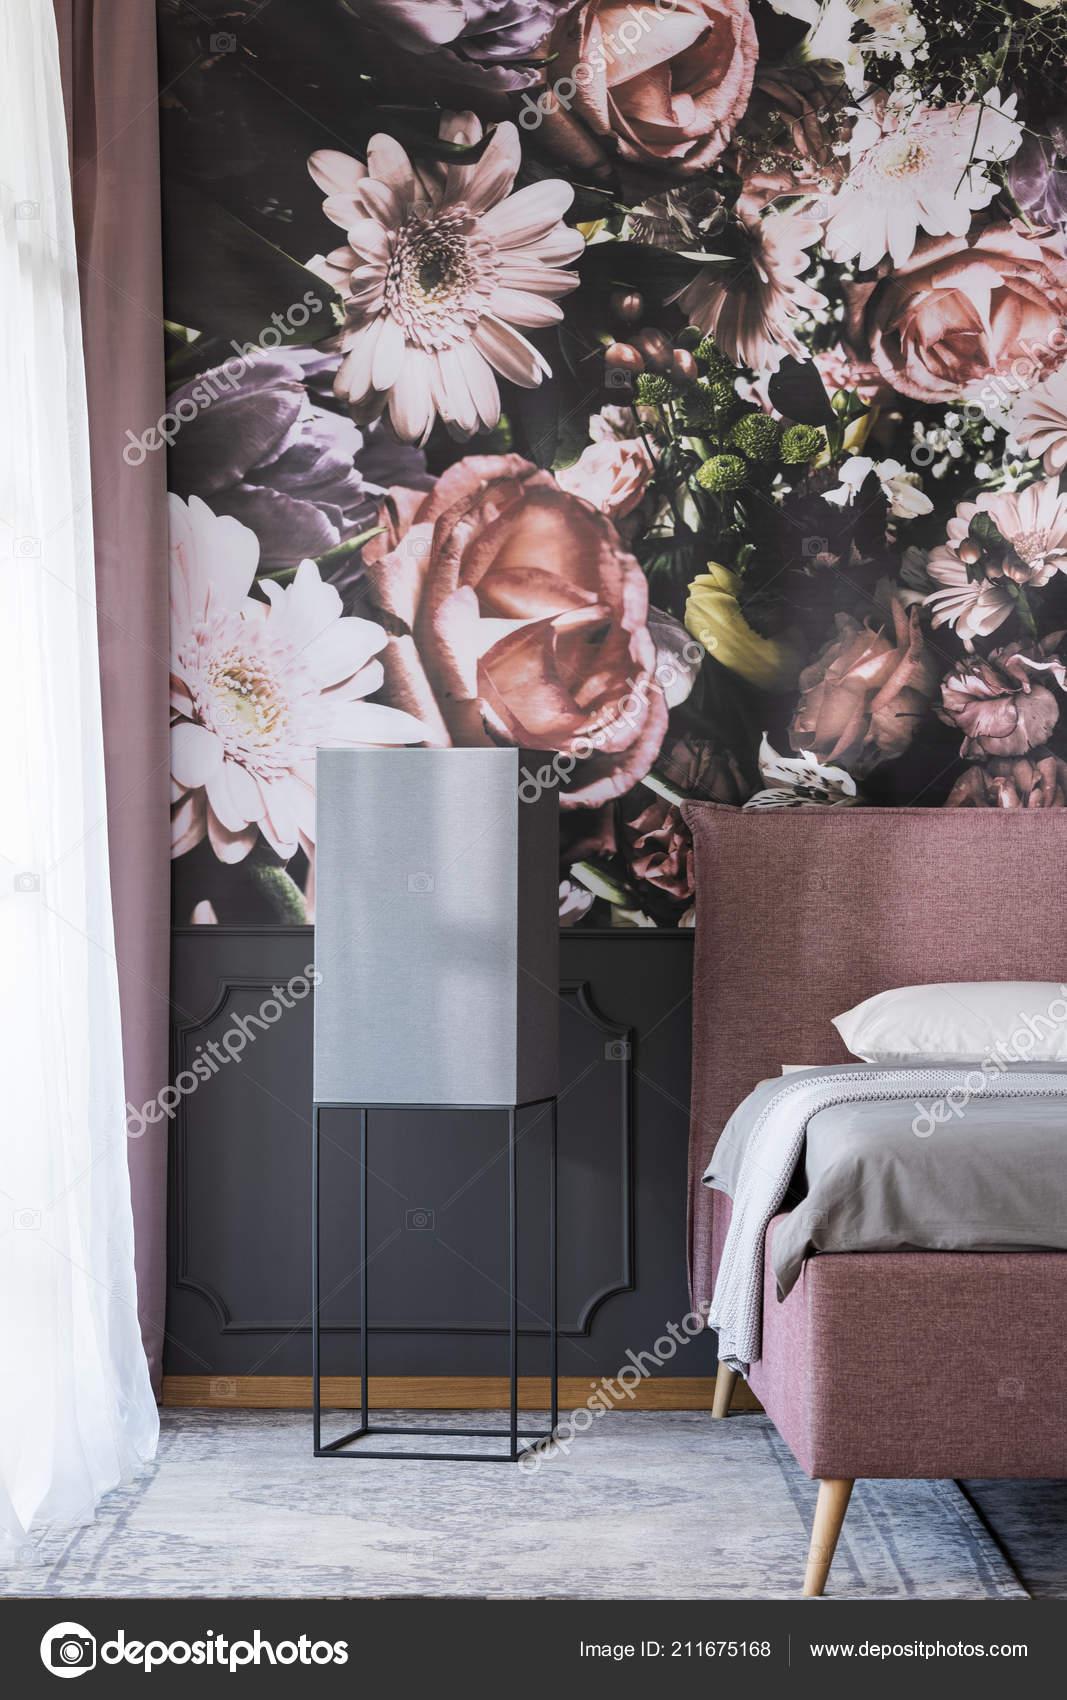 Tapety Kwiaty Sypialni Ciemne Wnętrze Czarny Stół Obok łóżka